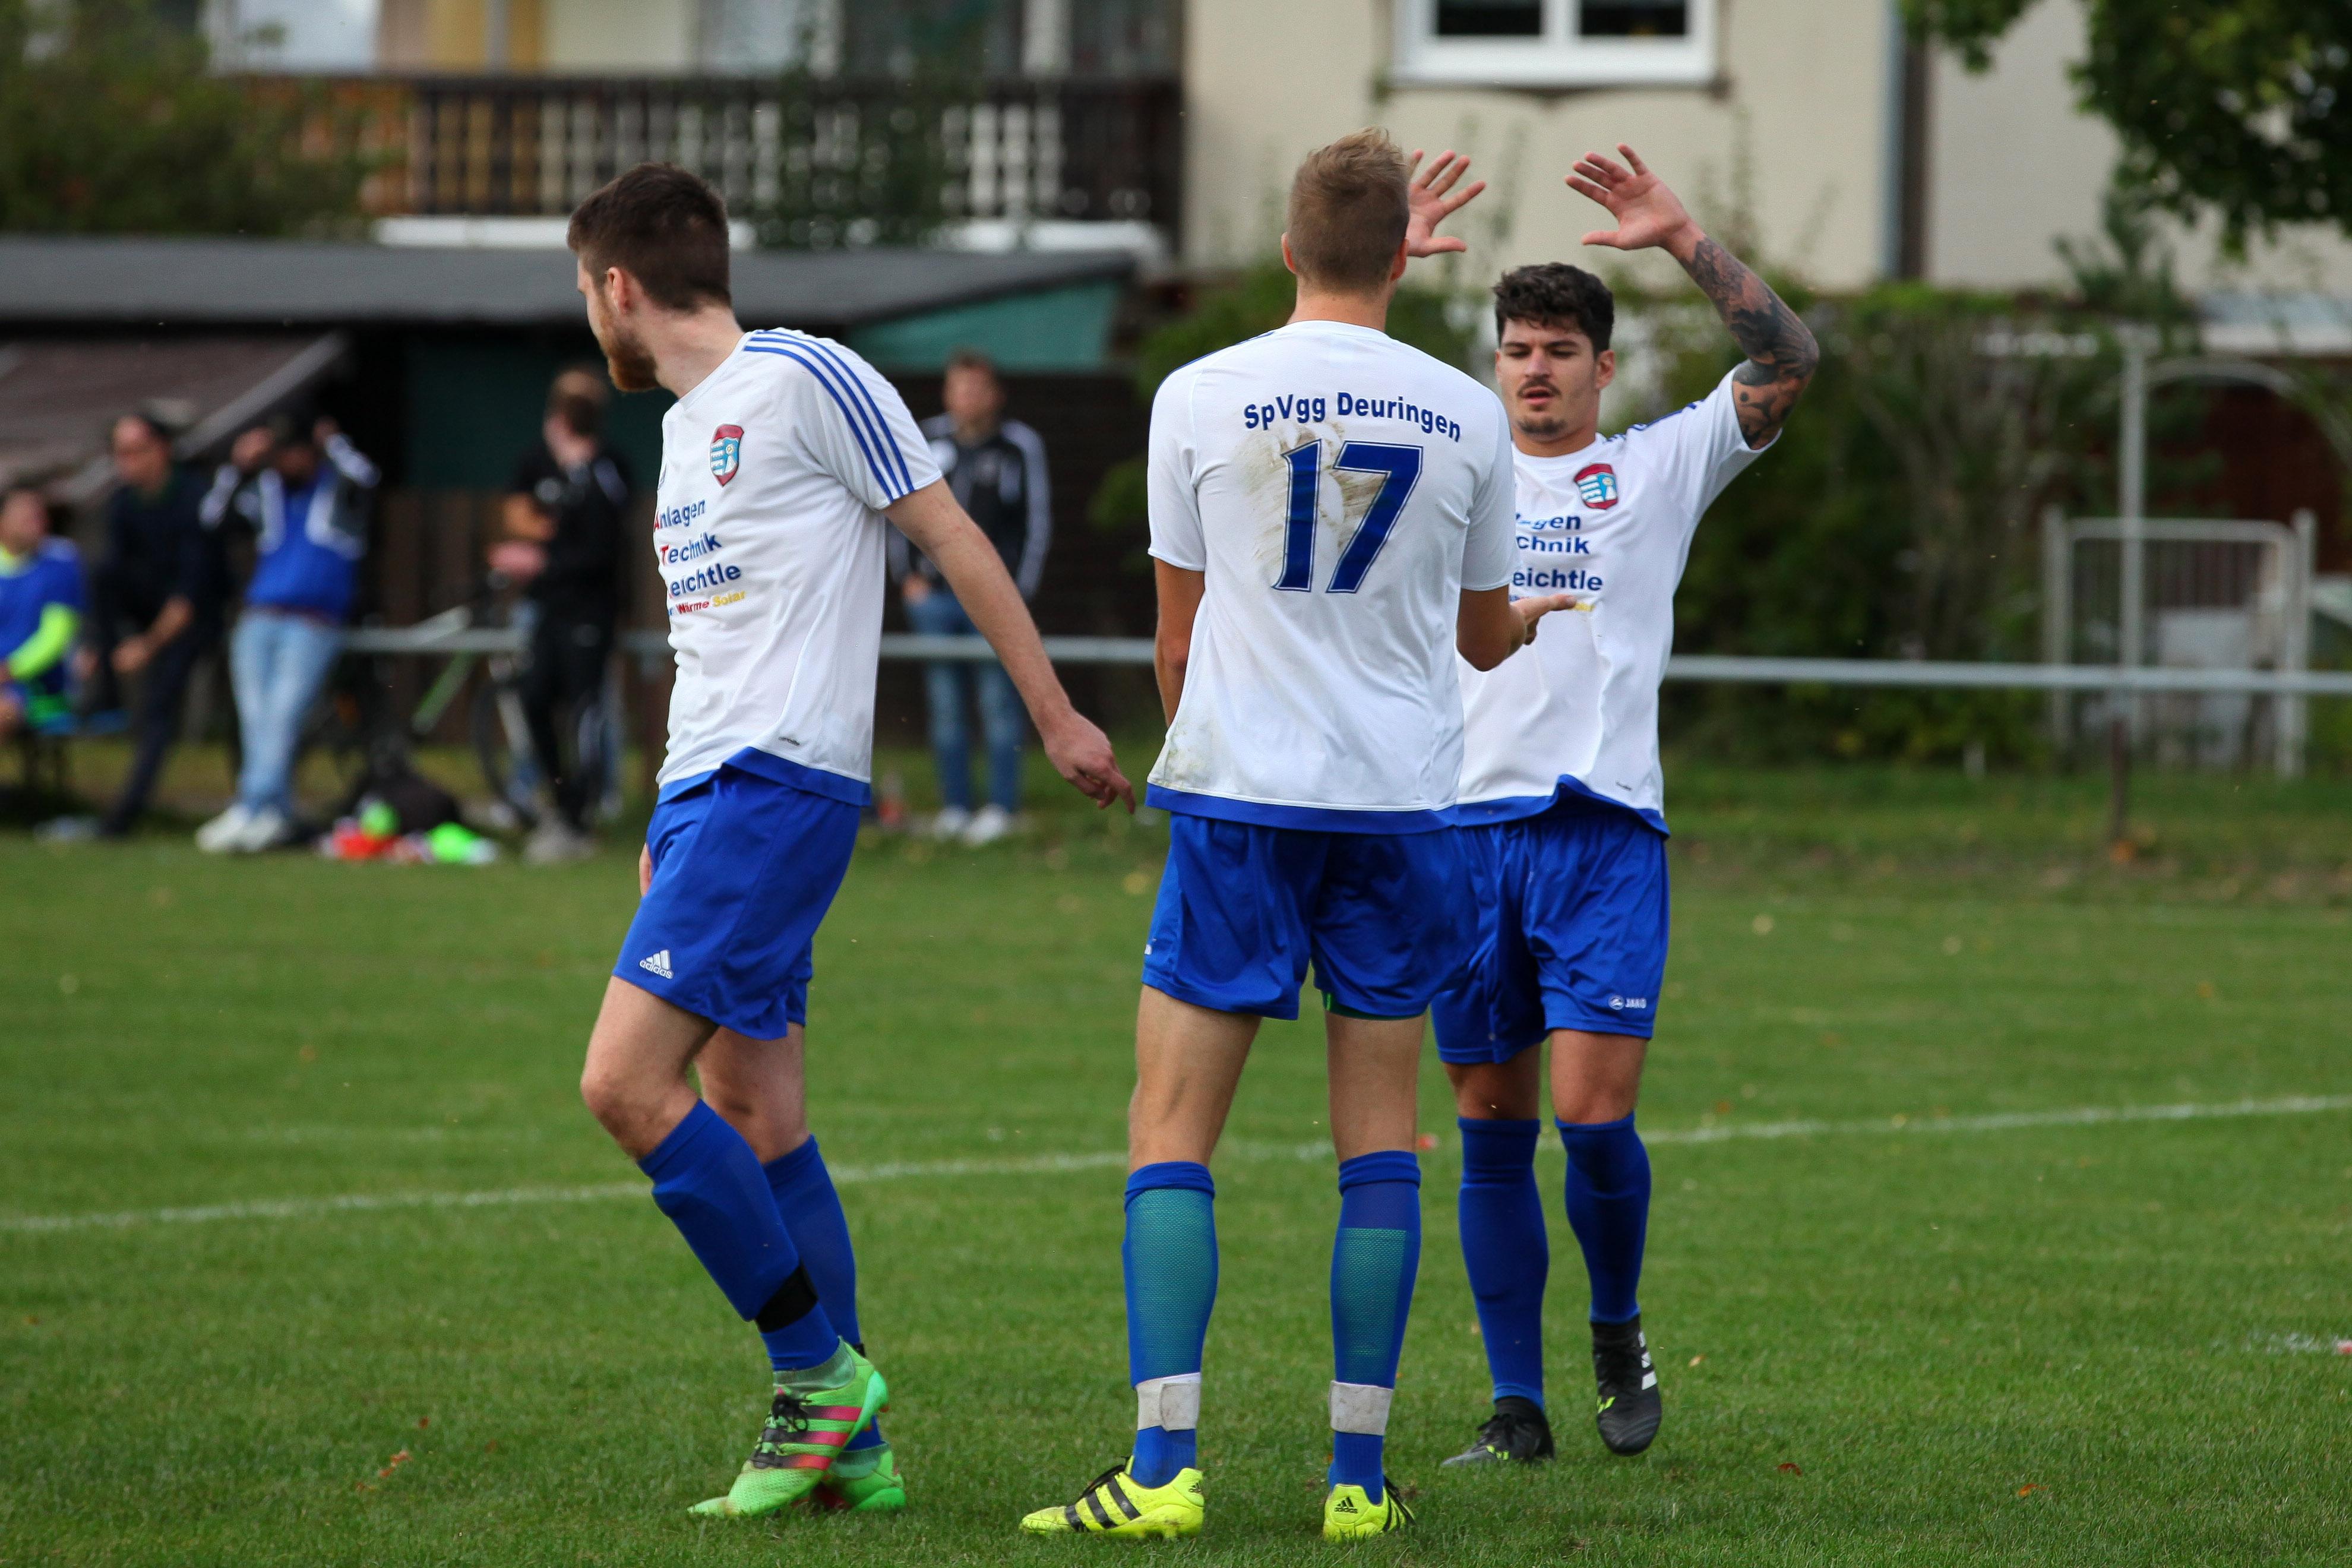 Deuringen gewinnt Spitzenspiel gegen Oberhausen